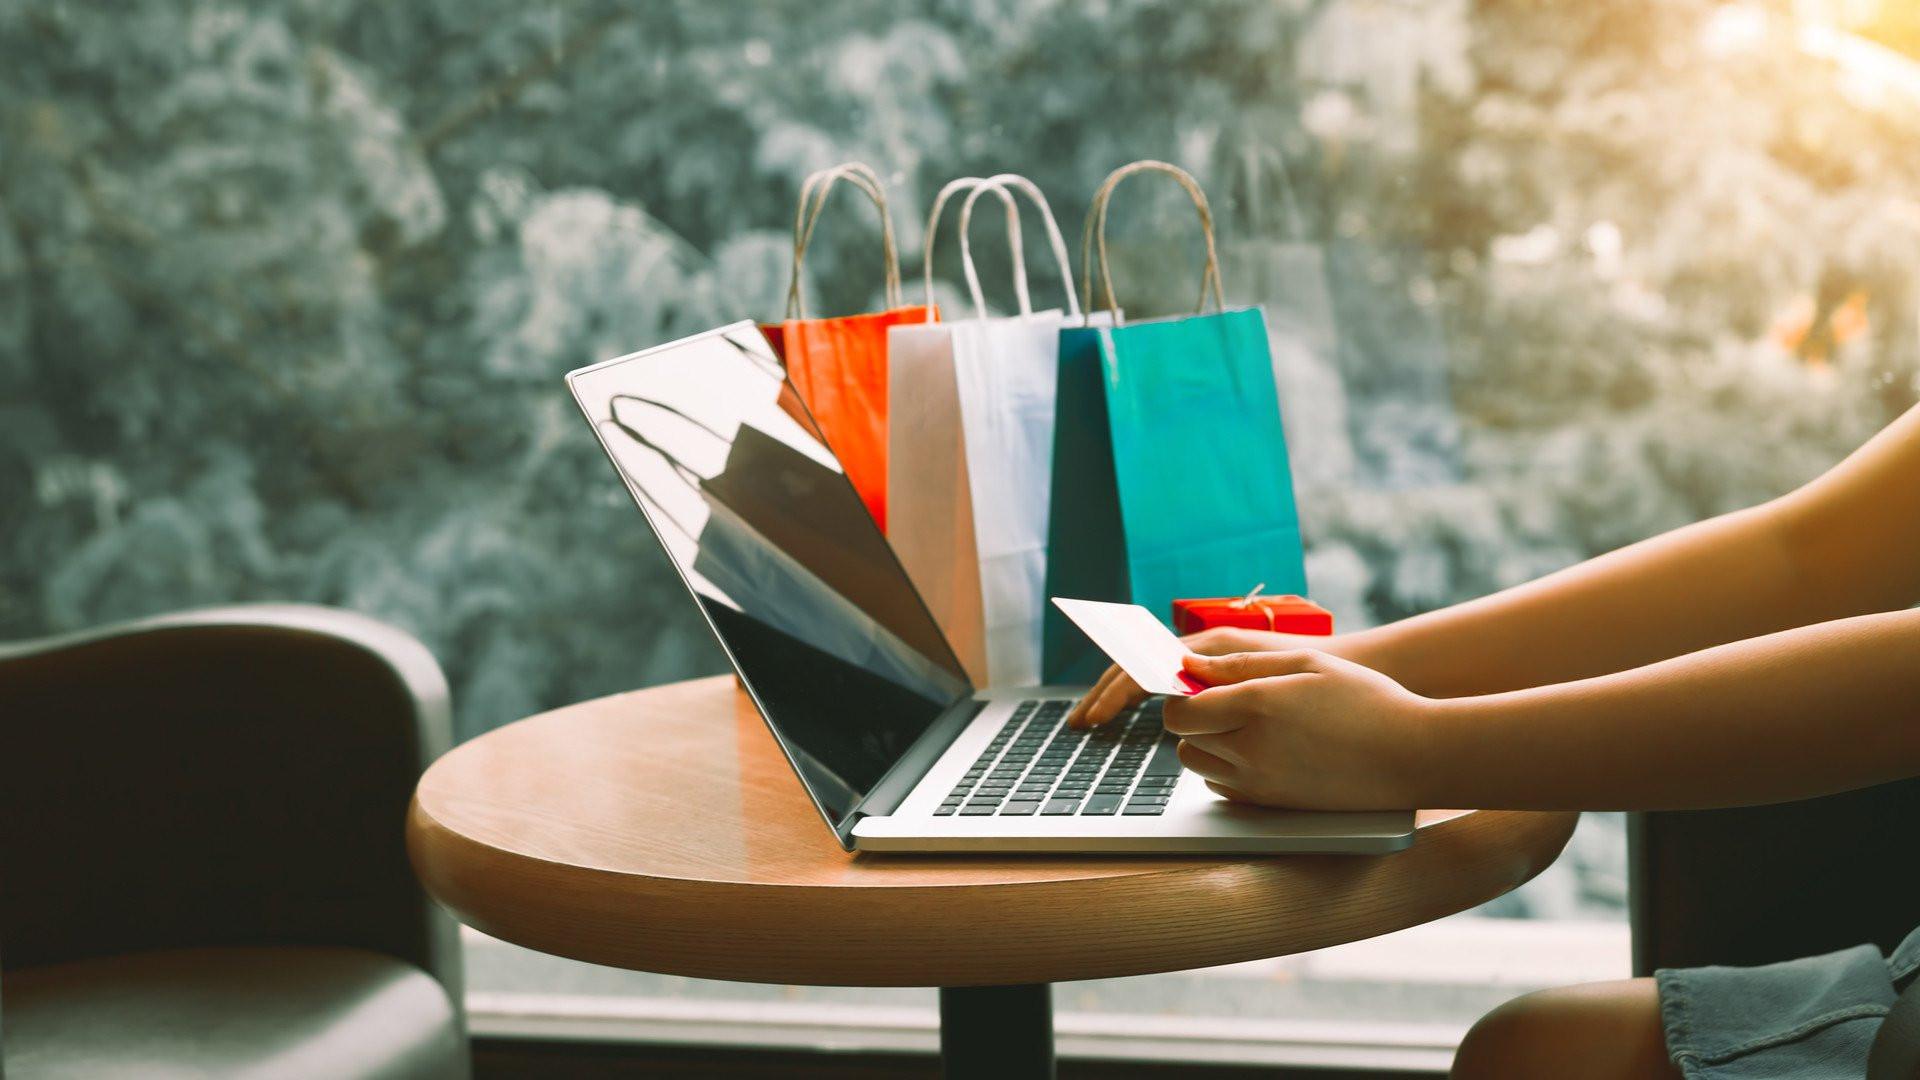 Bu yıl 200 milyar lira olması beklenen e-ticaret pazarının 30 milyar lirası Kasım'dan